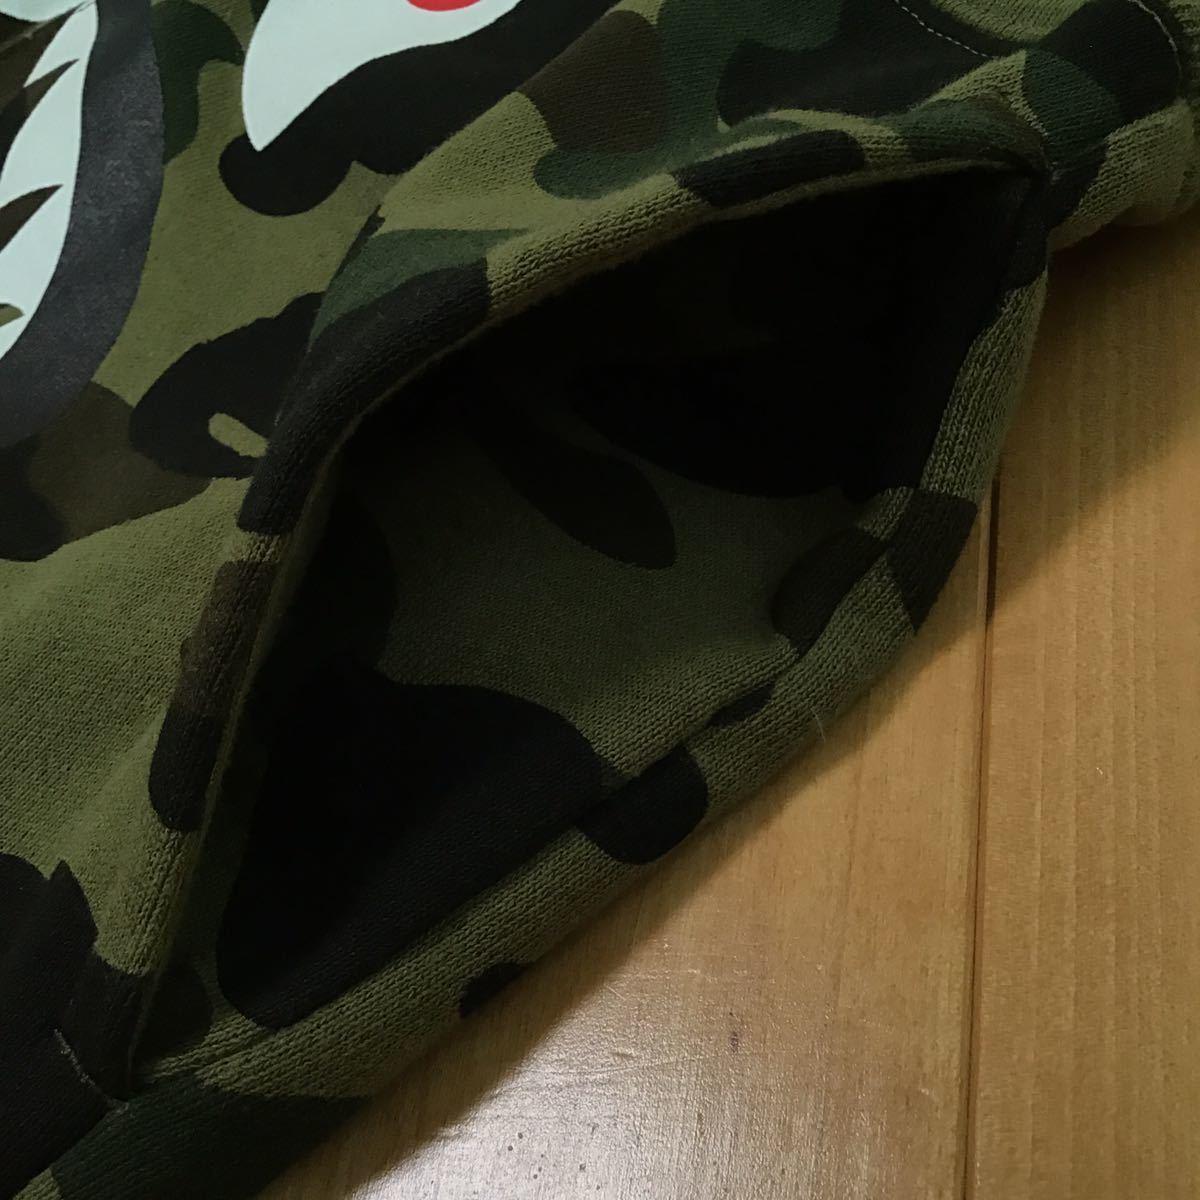 ★美品★ 1st camo green シャーク スウェット ハーフパンツ Sサイズ ショーツ a bathing ape bape shark pants shorts エイプ ベイプ 5208